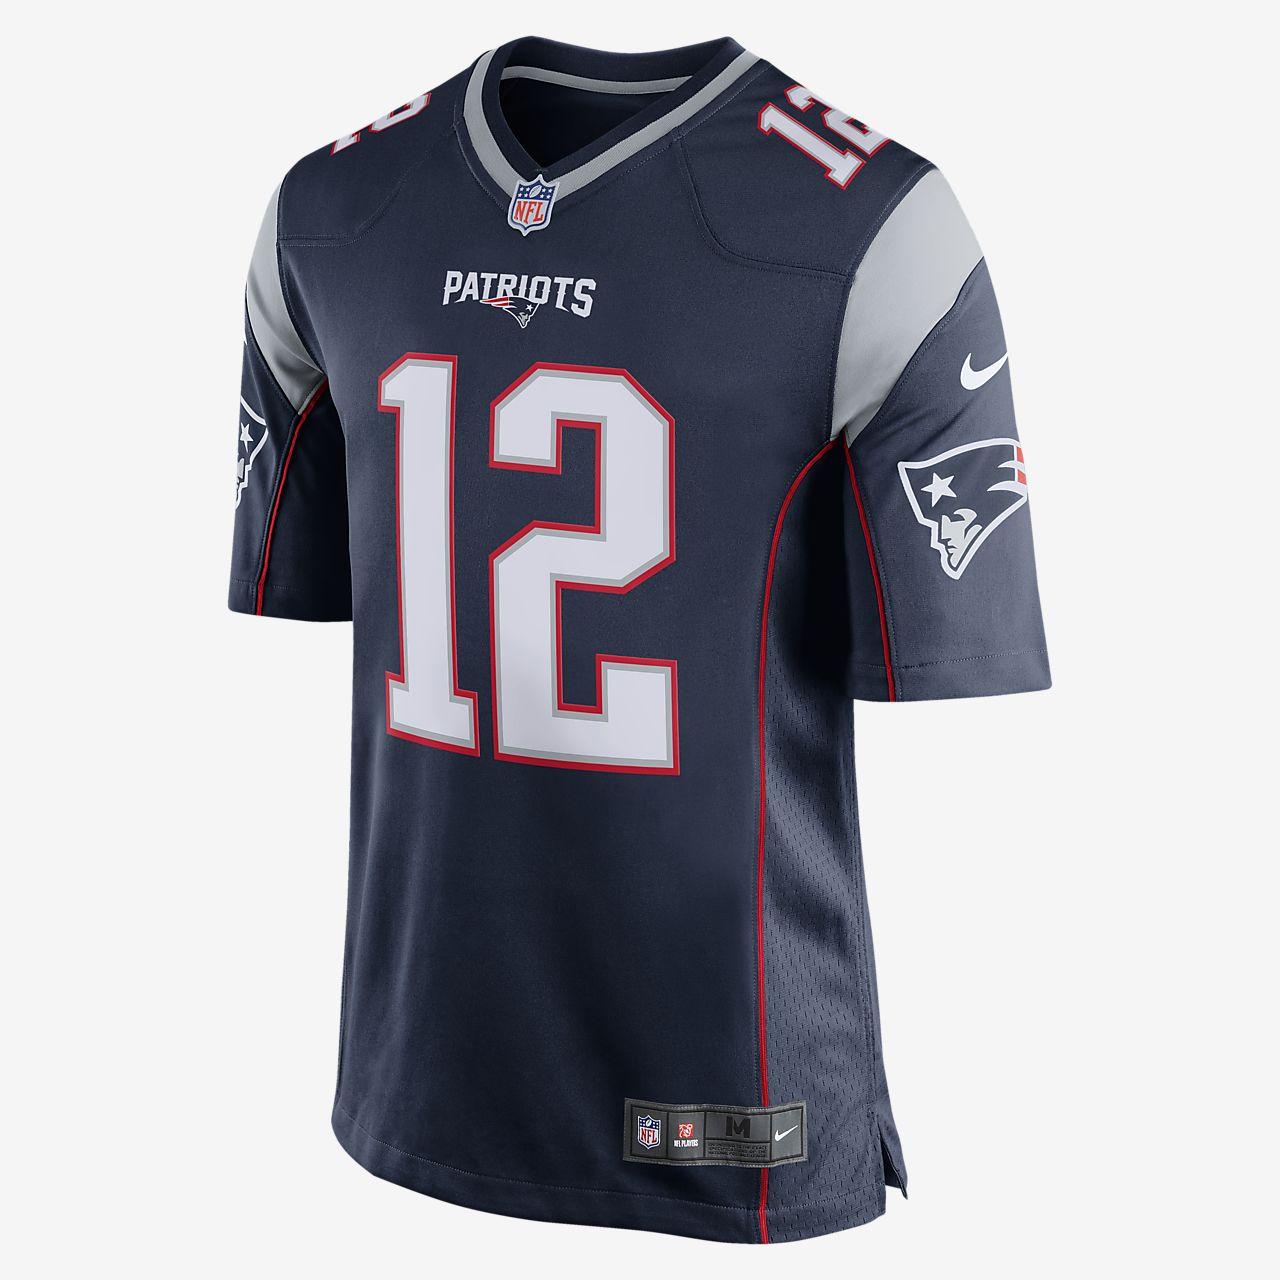 Jersey de fútbol de local para hombre de los New England Patriots de NFL (Tom Brady)